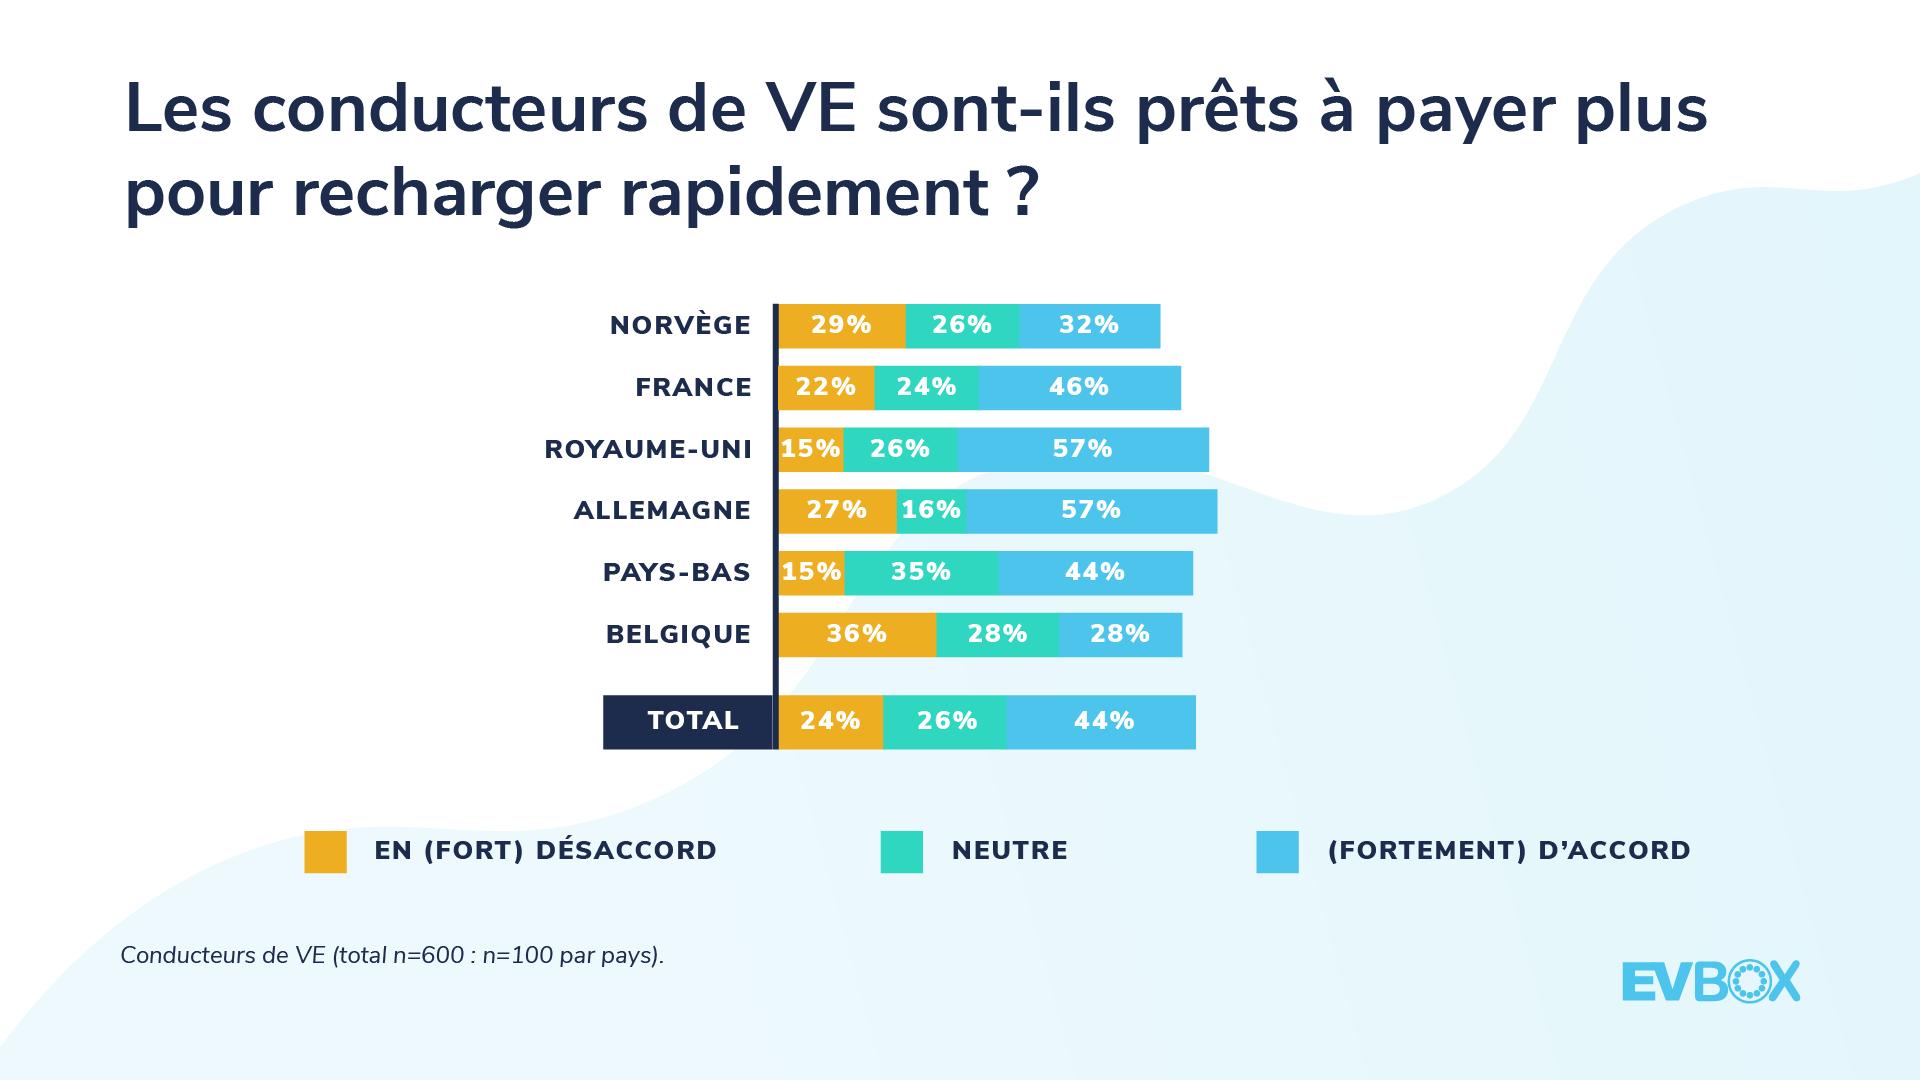 Les conducteurs de VE sont prêts à payer plus pour recharger rapidement.png